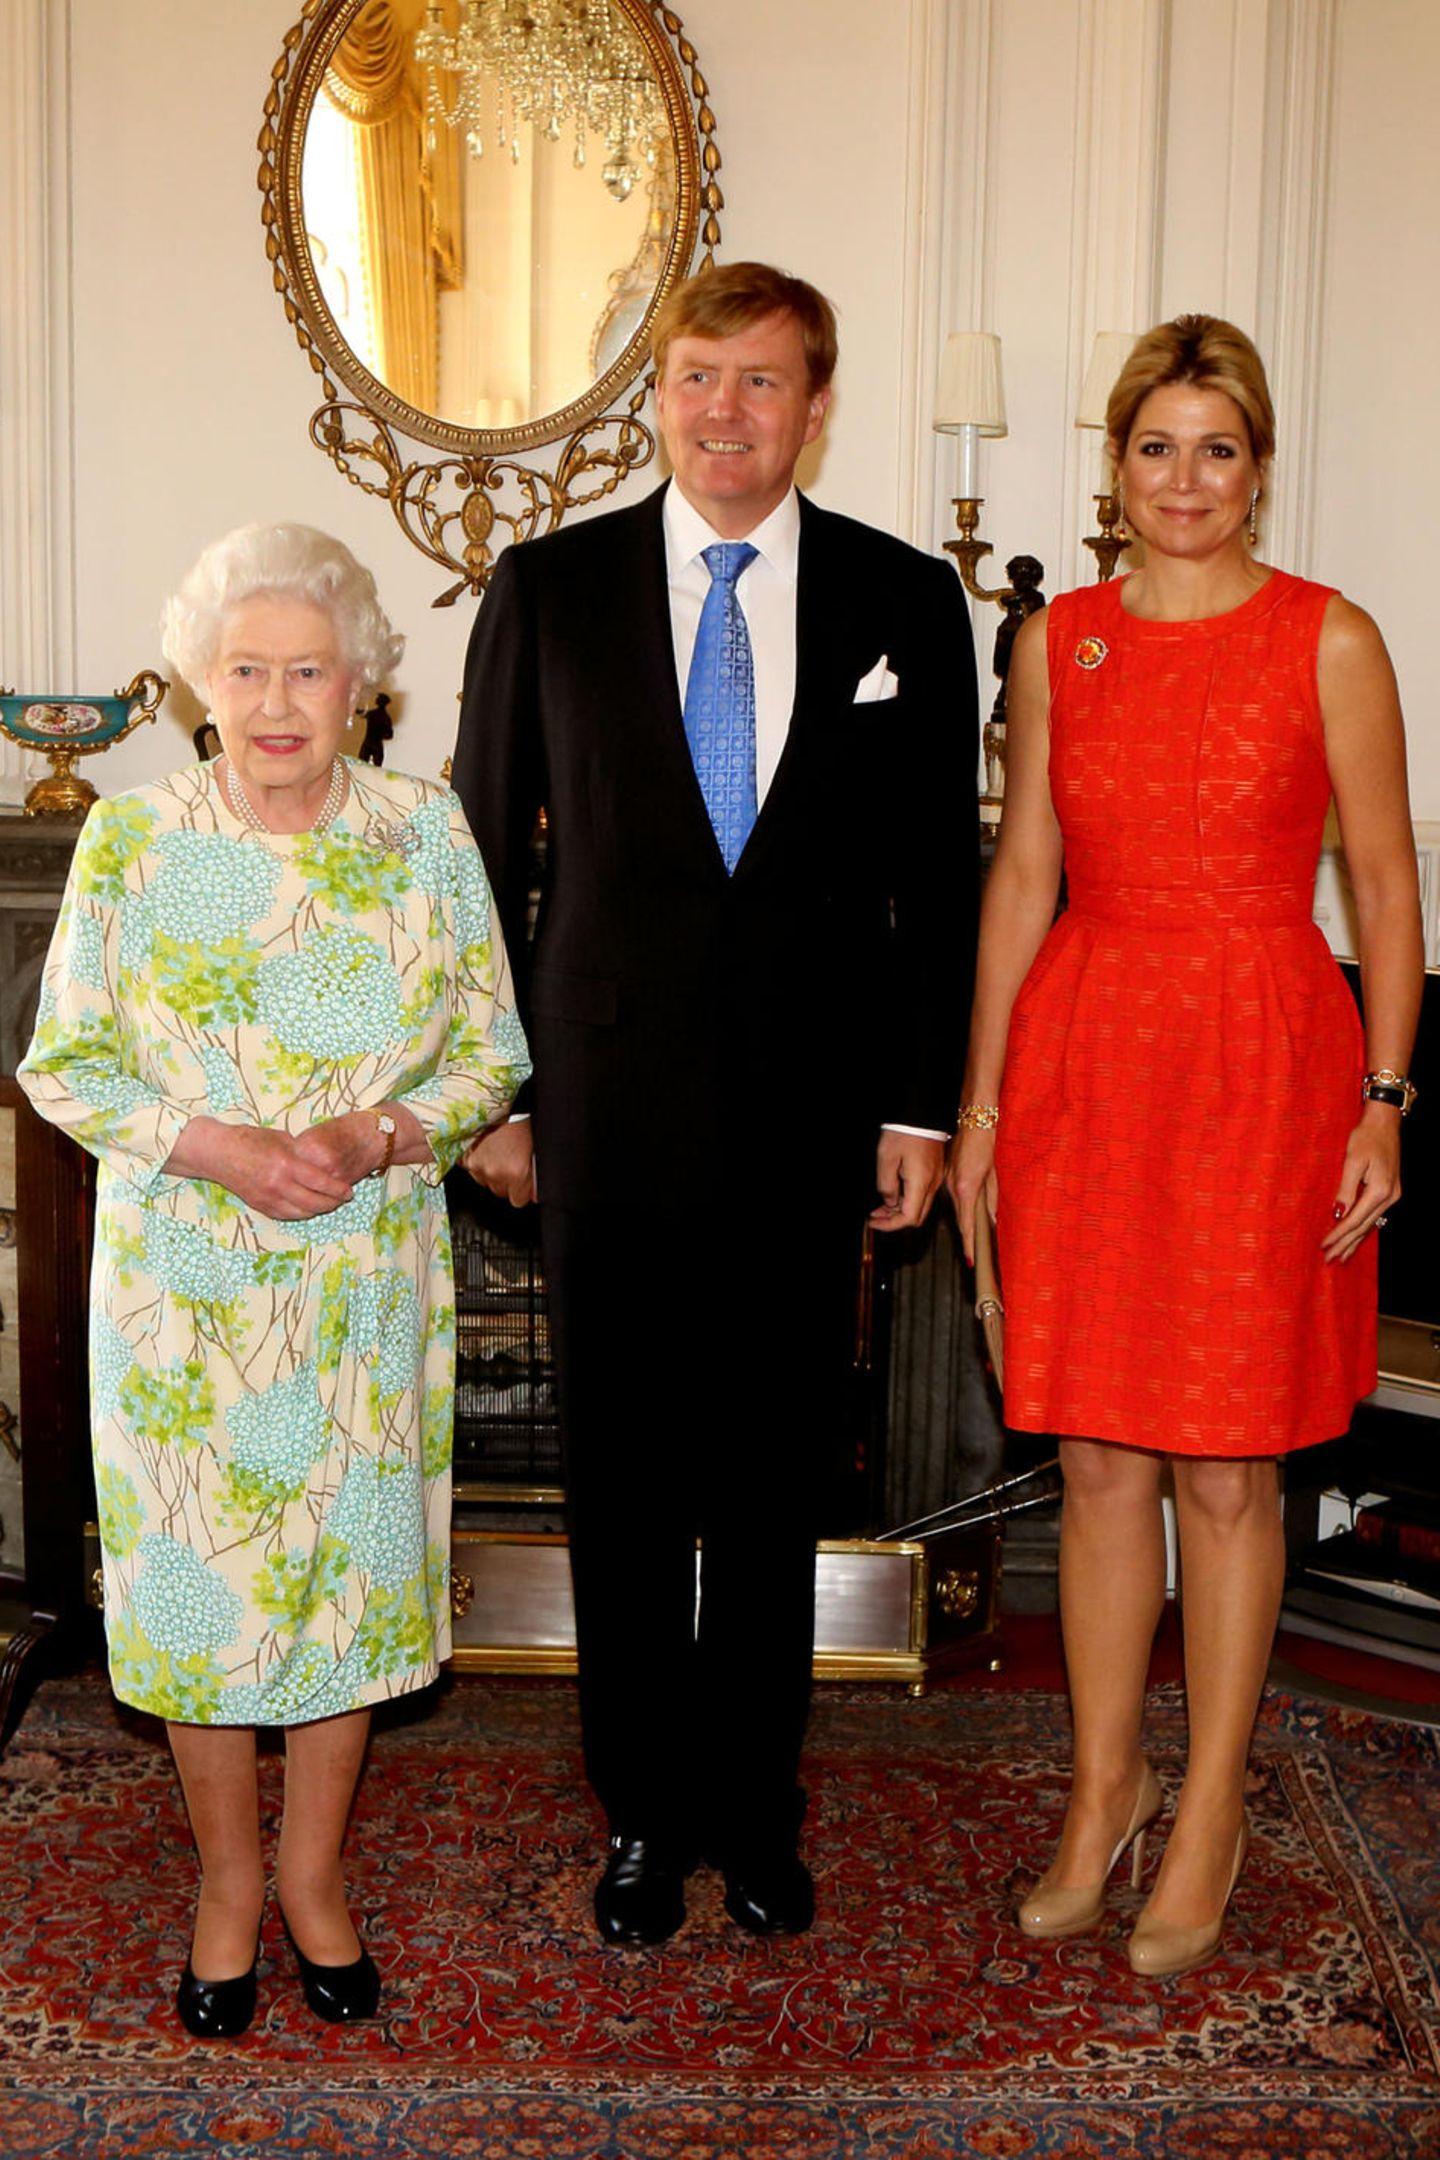 ... niemand Geringeres als dem britischen Königsoberhaupt: der Queen. Nicht nur, dass Máxima das knallige Kleid jetzt sieben Jahr im Kleid hängen hat, es wird sie wohl immer an das Zusammentreffen mit der 94-Jährigen erinnern.